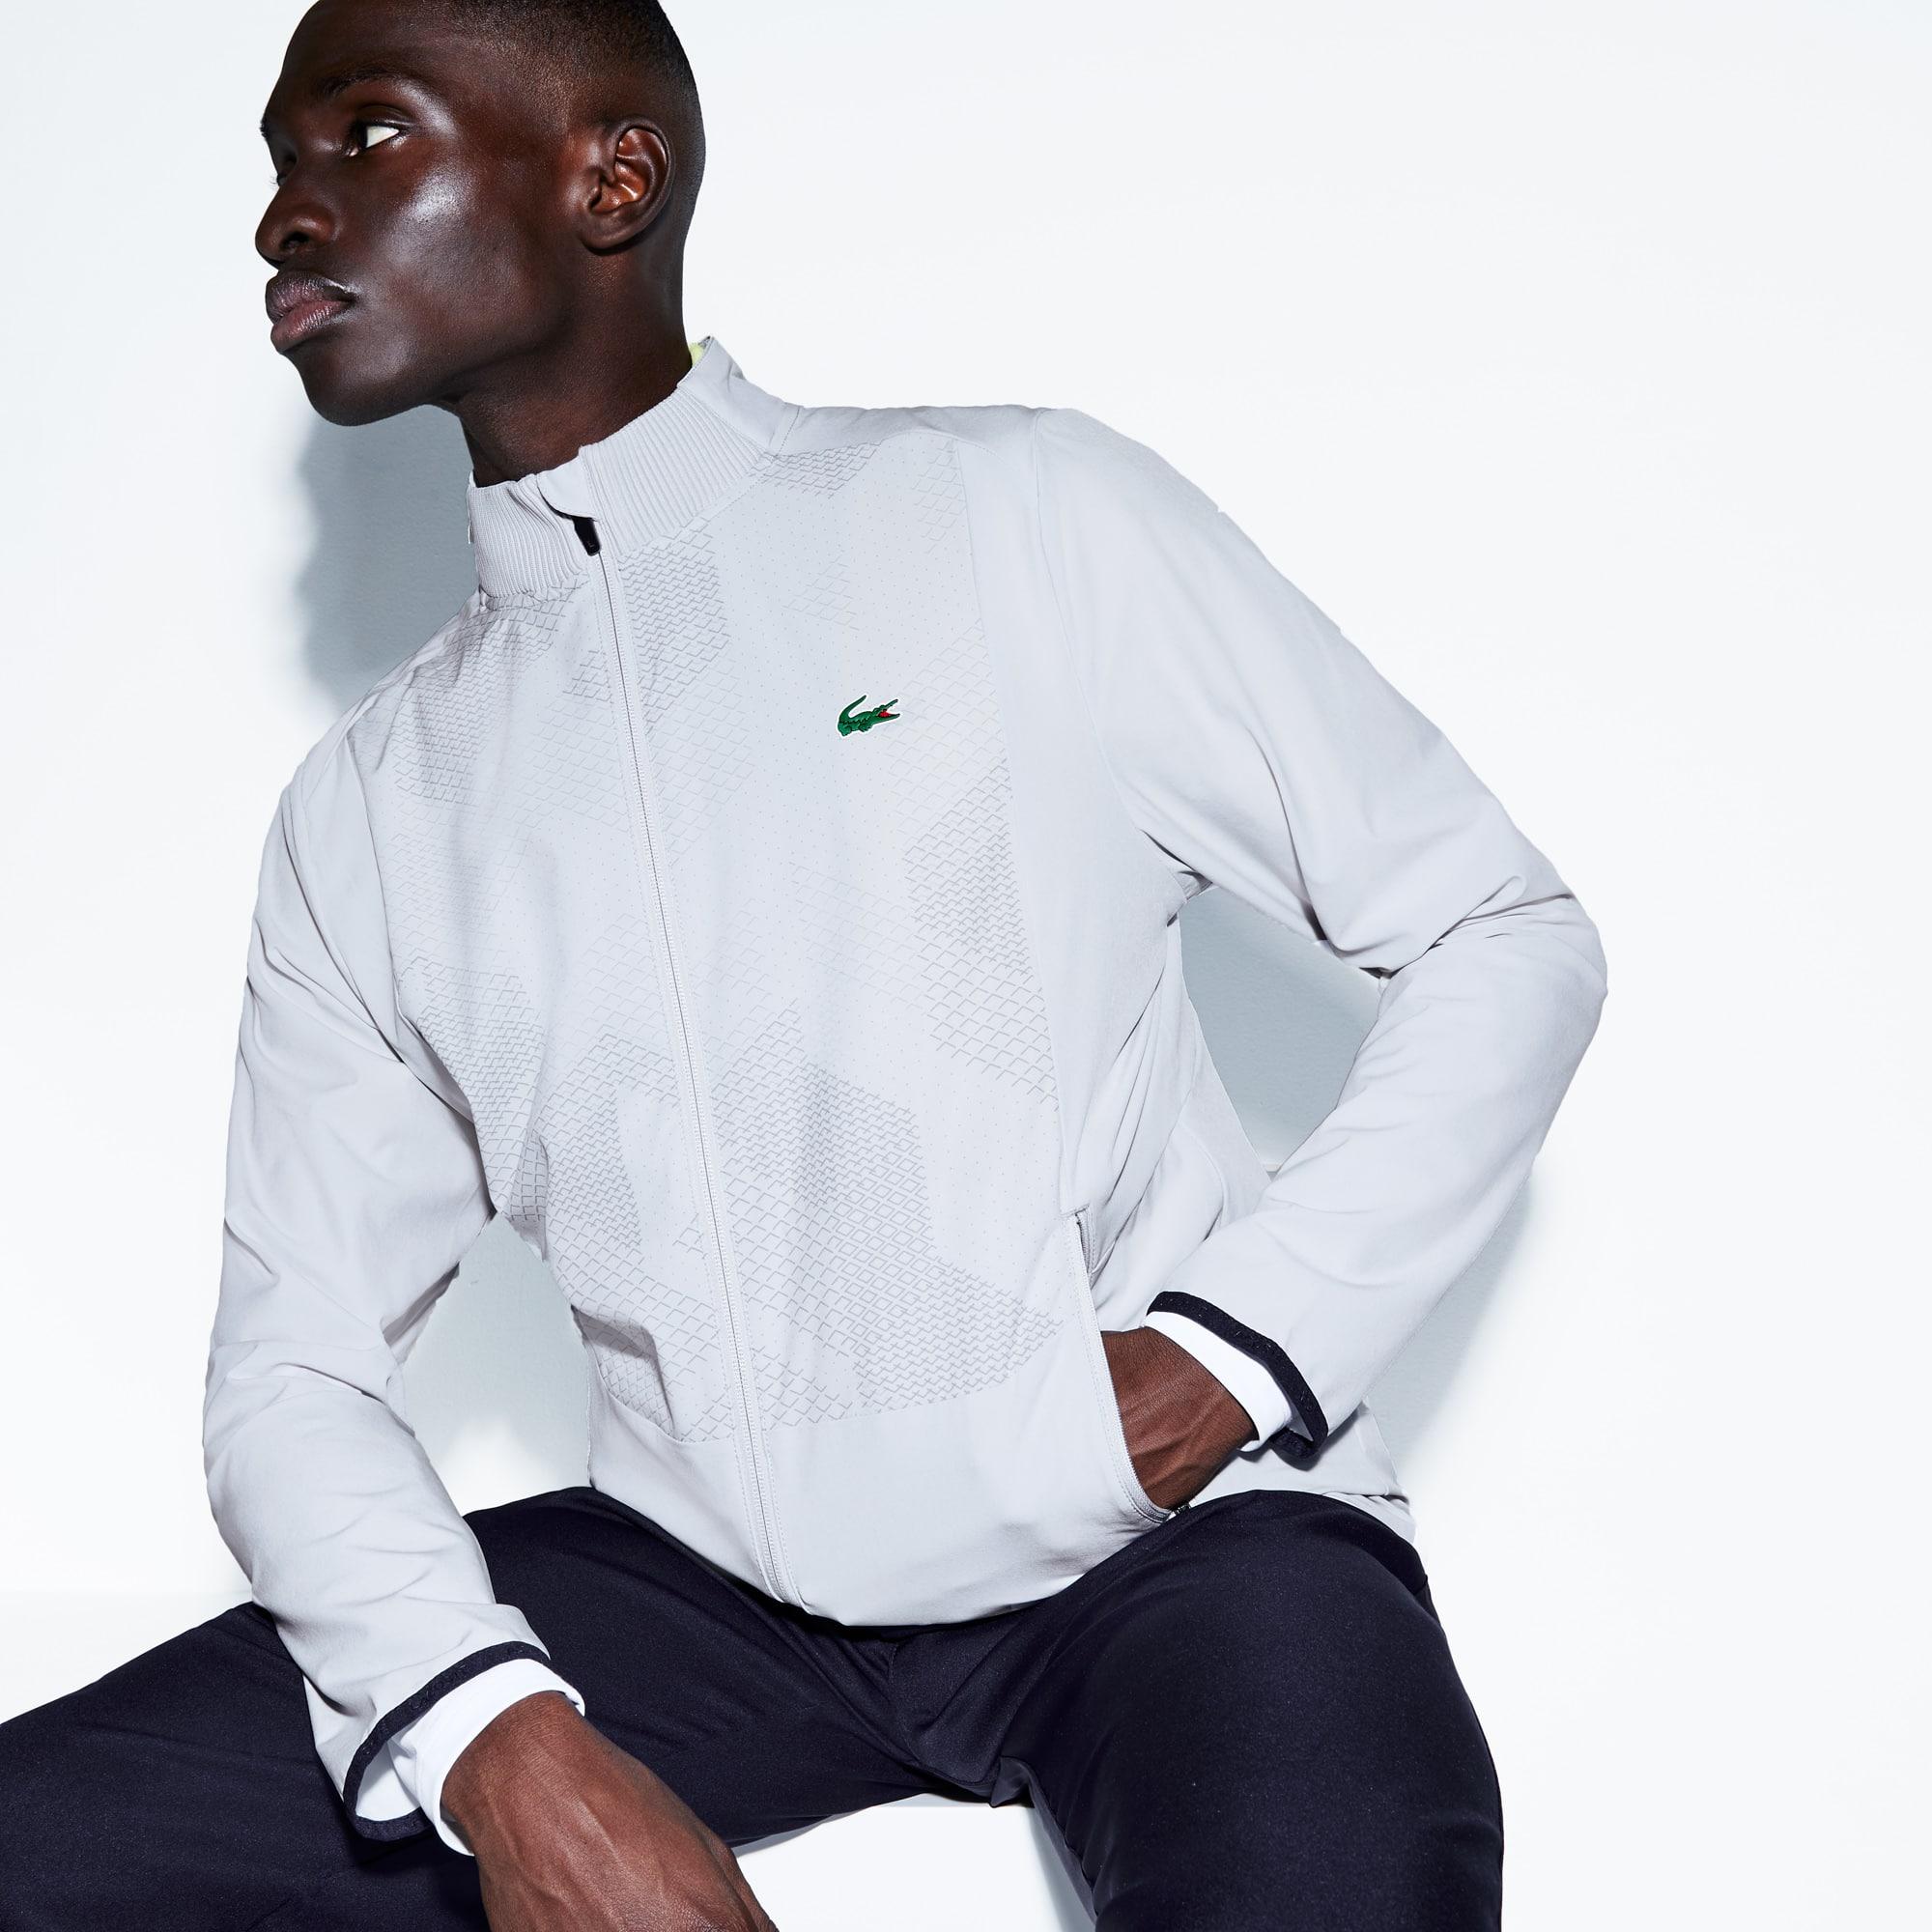 Vêtements Manteaux Lacoste Blousons amp; Homme SEqpUE